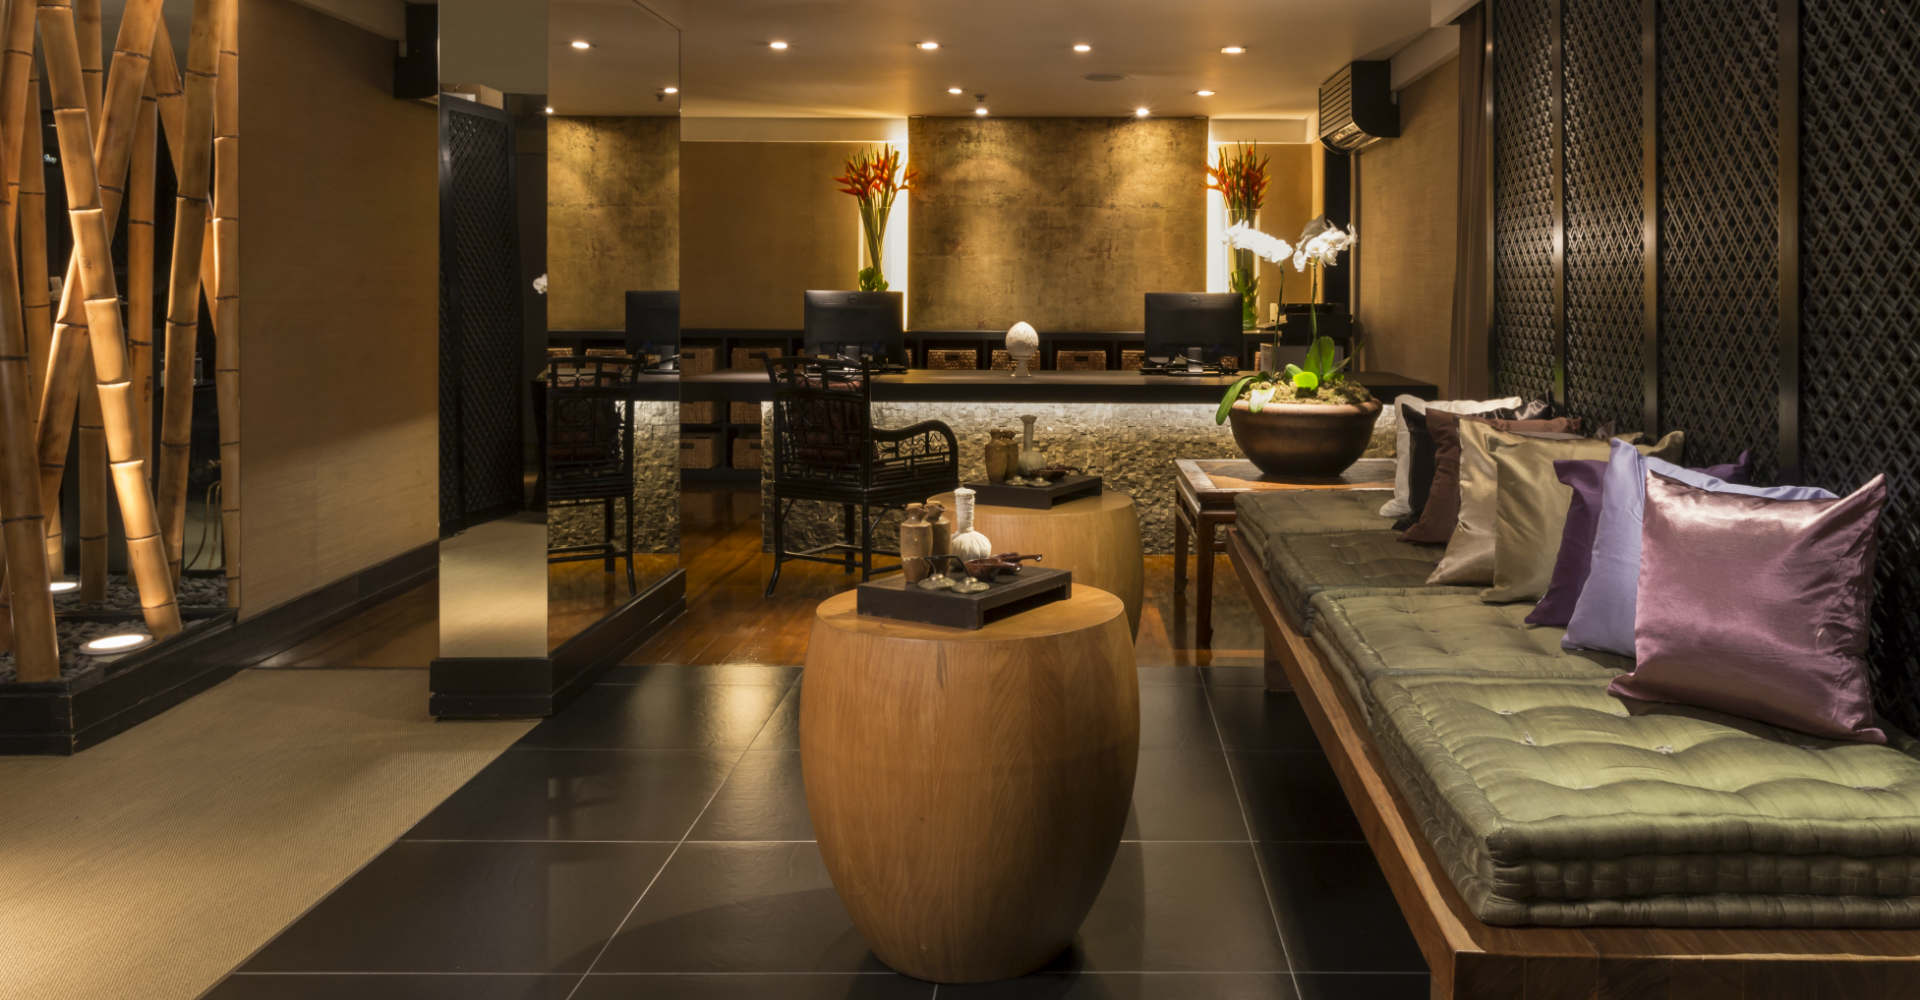 Tivoli Mofarrej São Paulo Hotel   5 Star Hotel in São Paulo